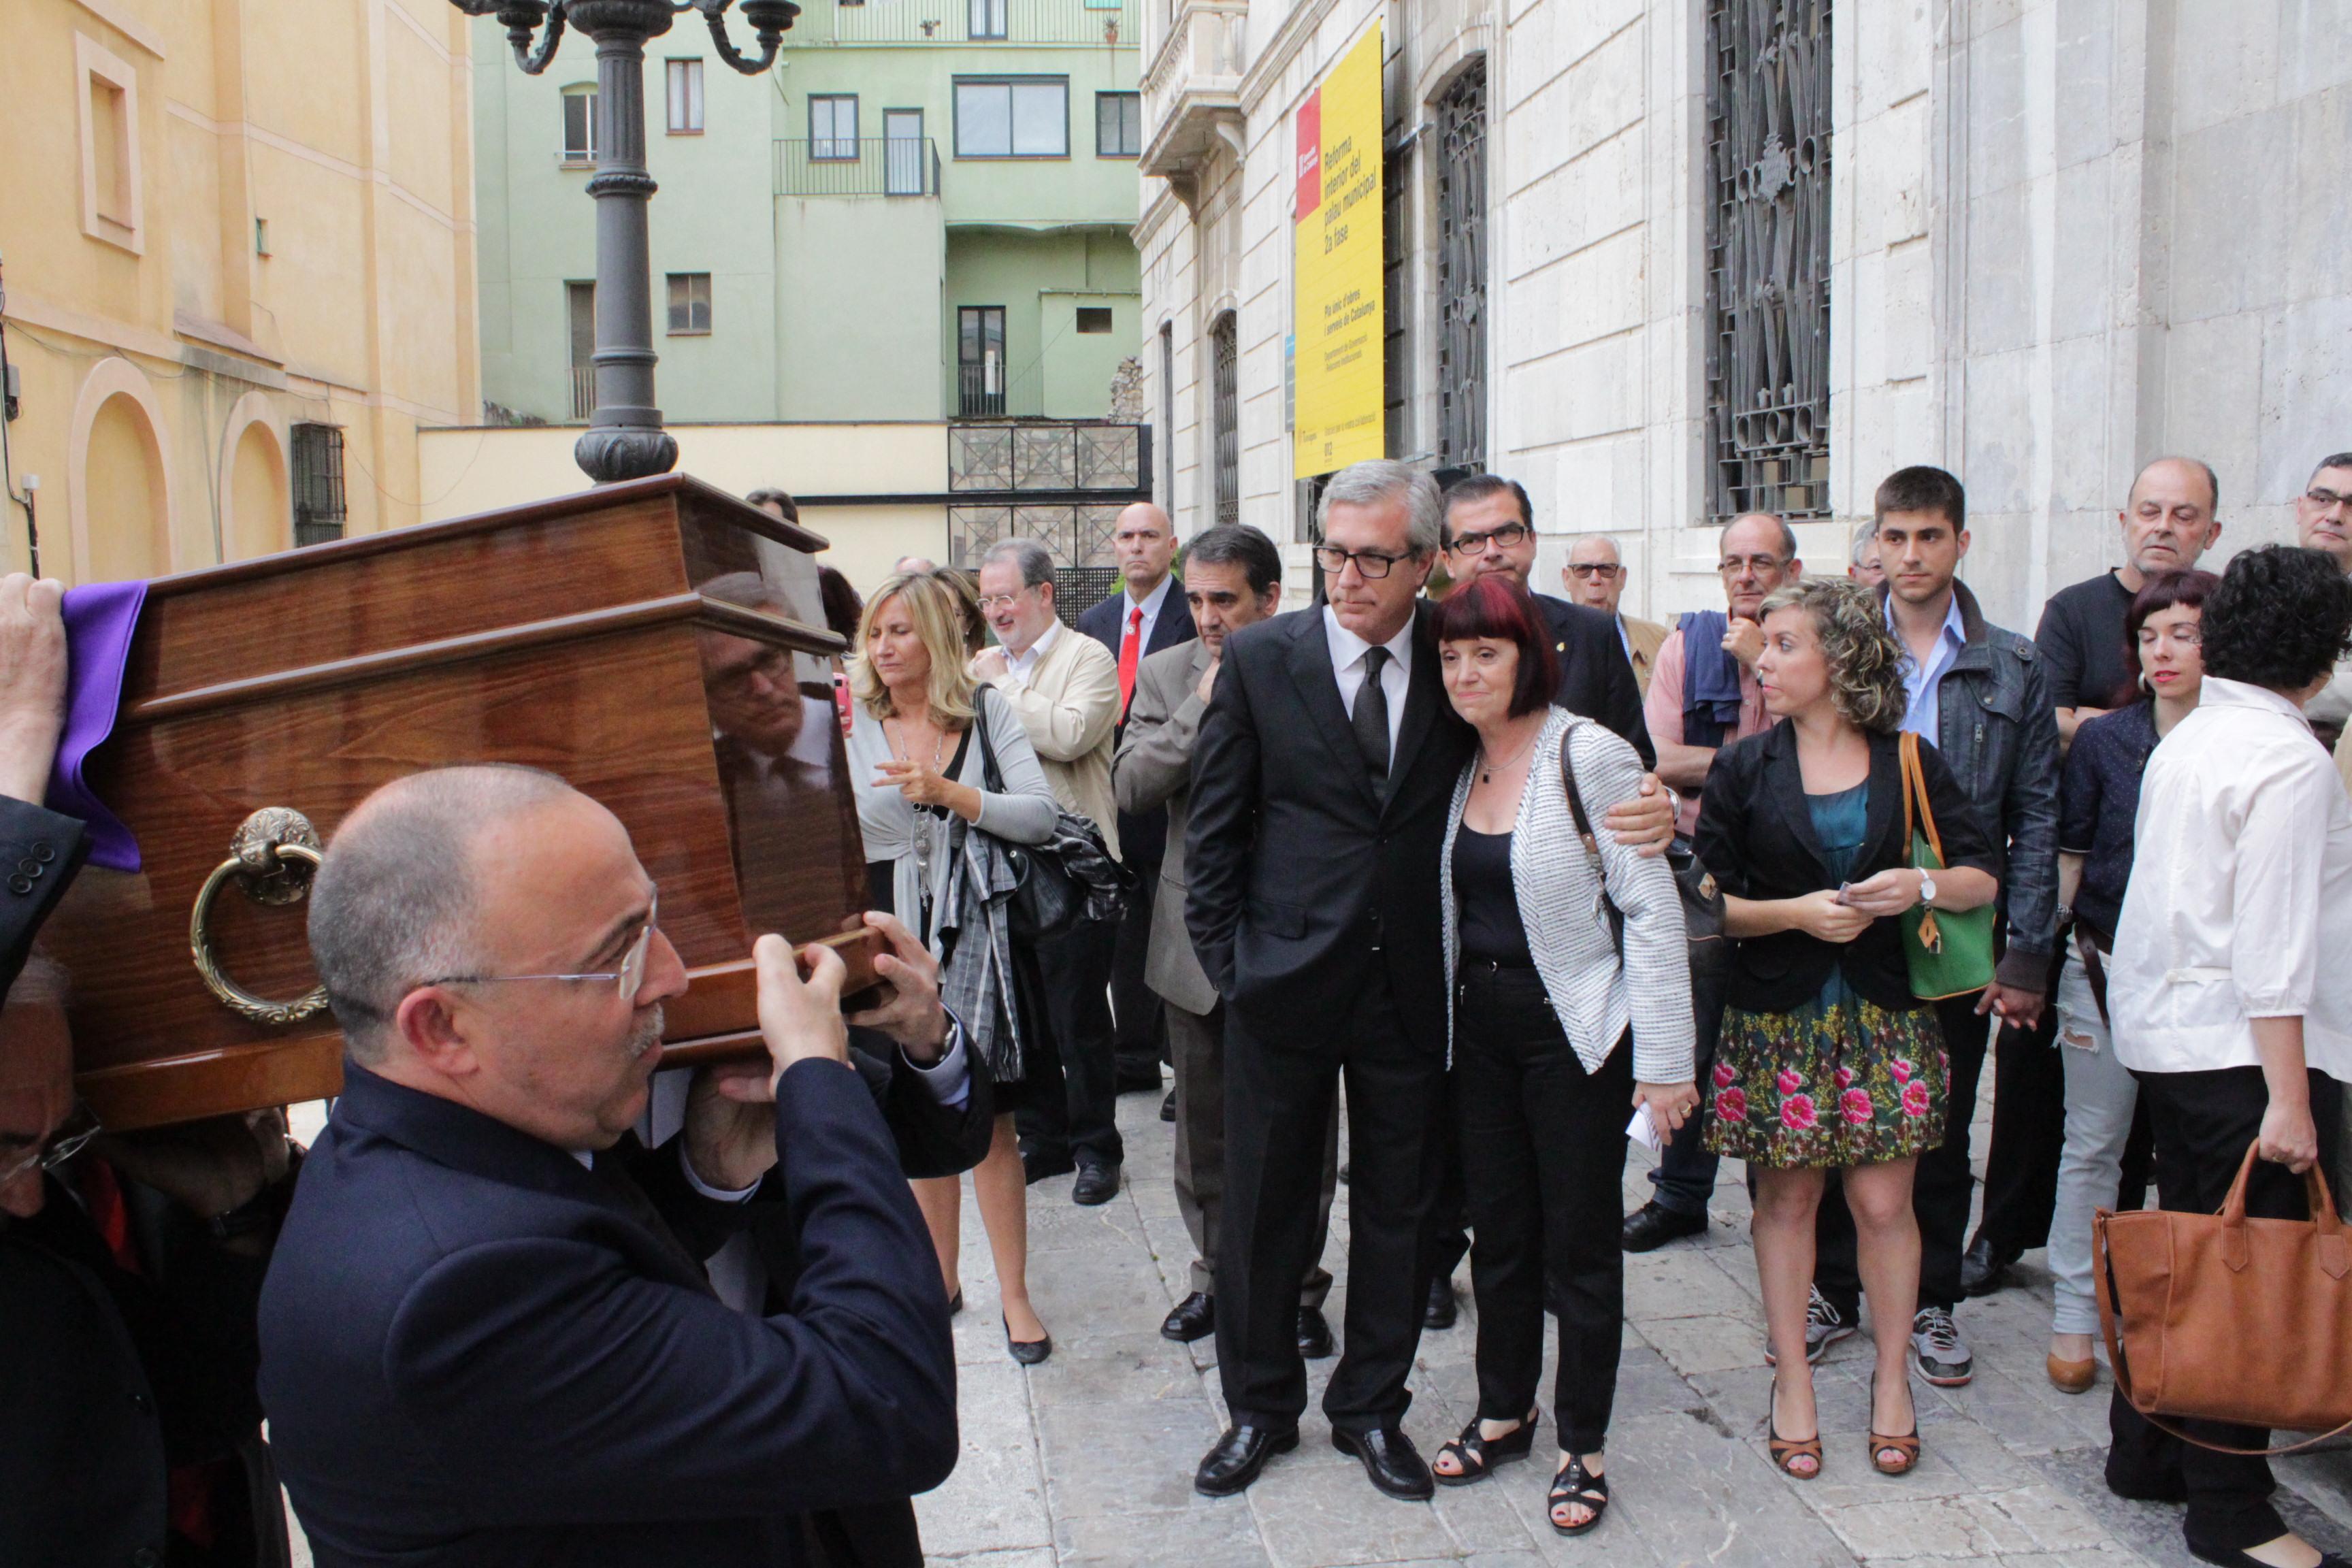 Josep Anton Burgasé entra a l'Ajuntament portant el fèretre, davant l'alcalde Ballesteros i la filla de l'exalcalde, Roser Recasens (foto: Mauri Fernández)